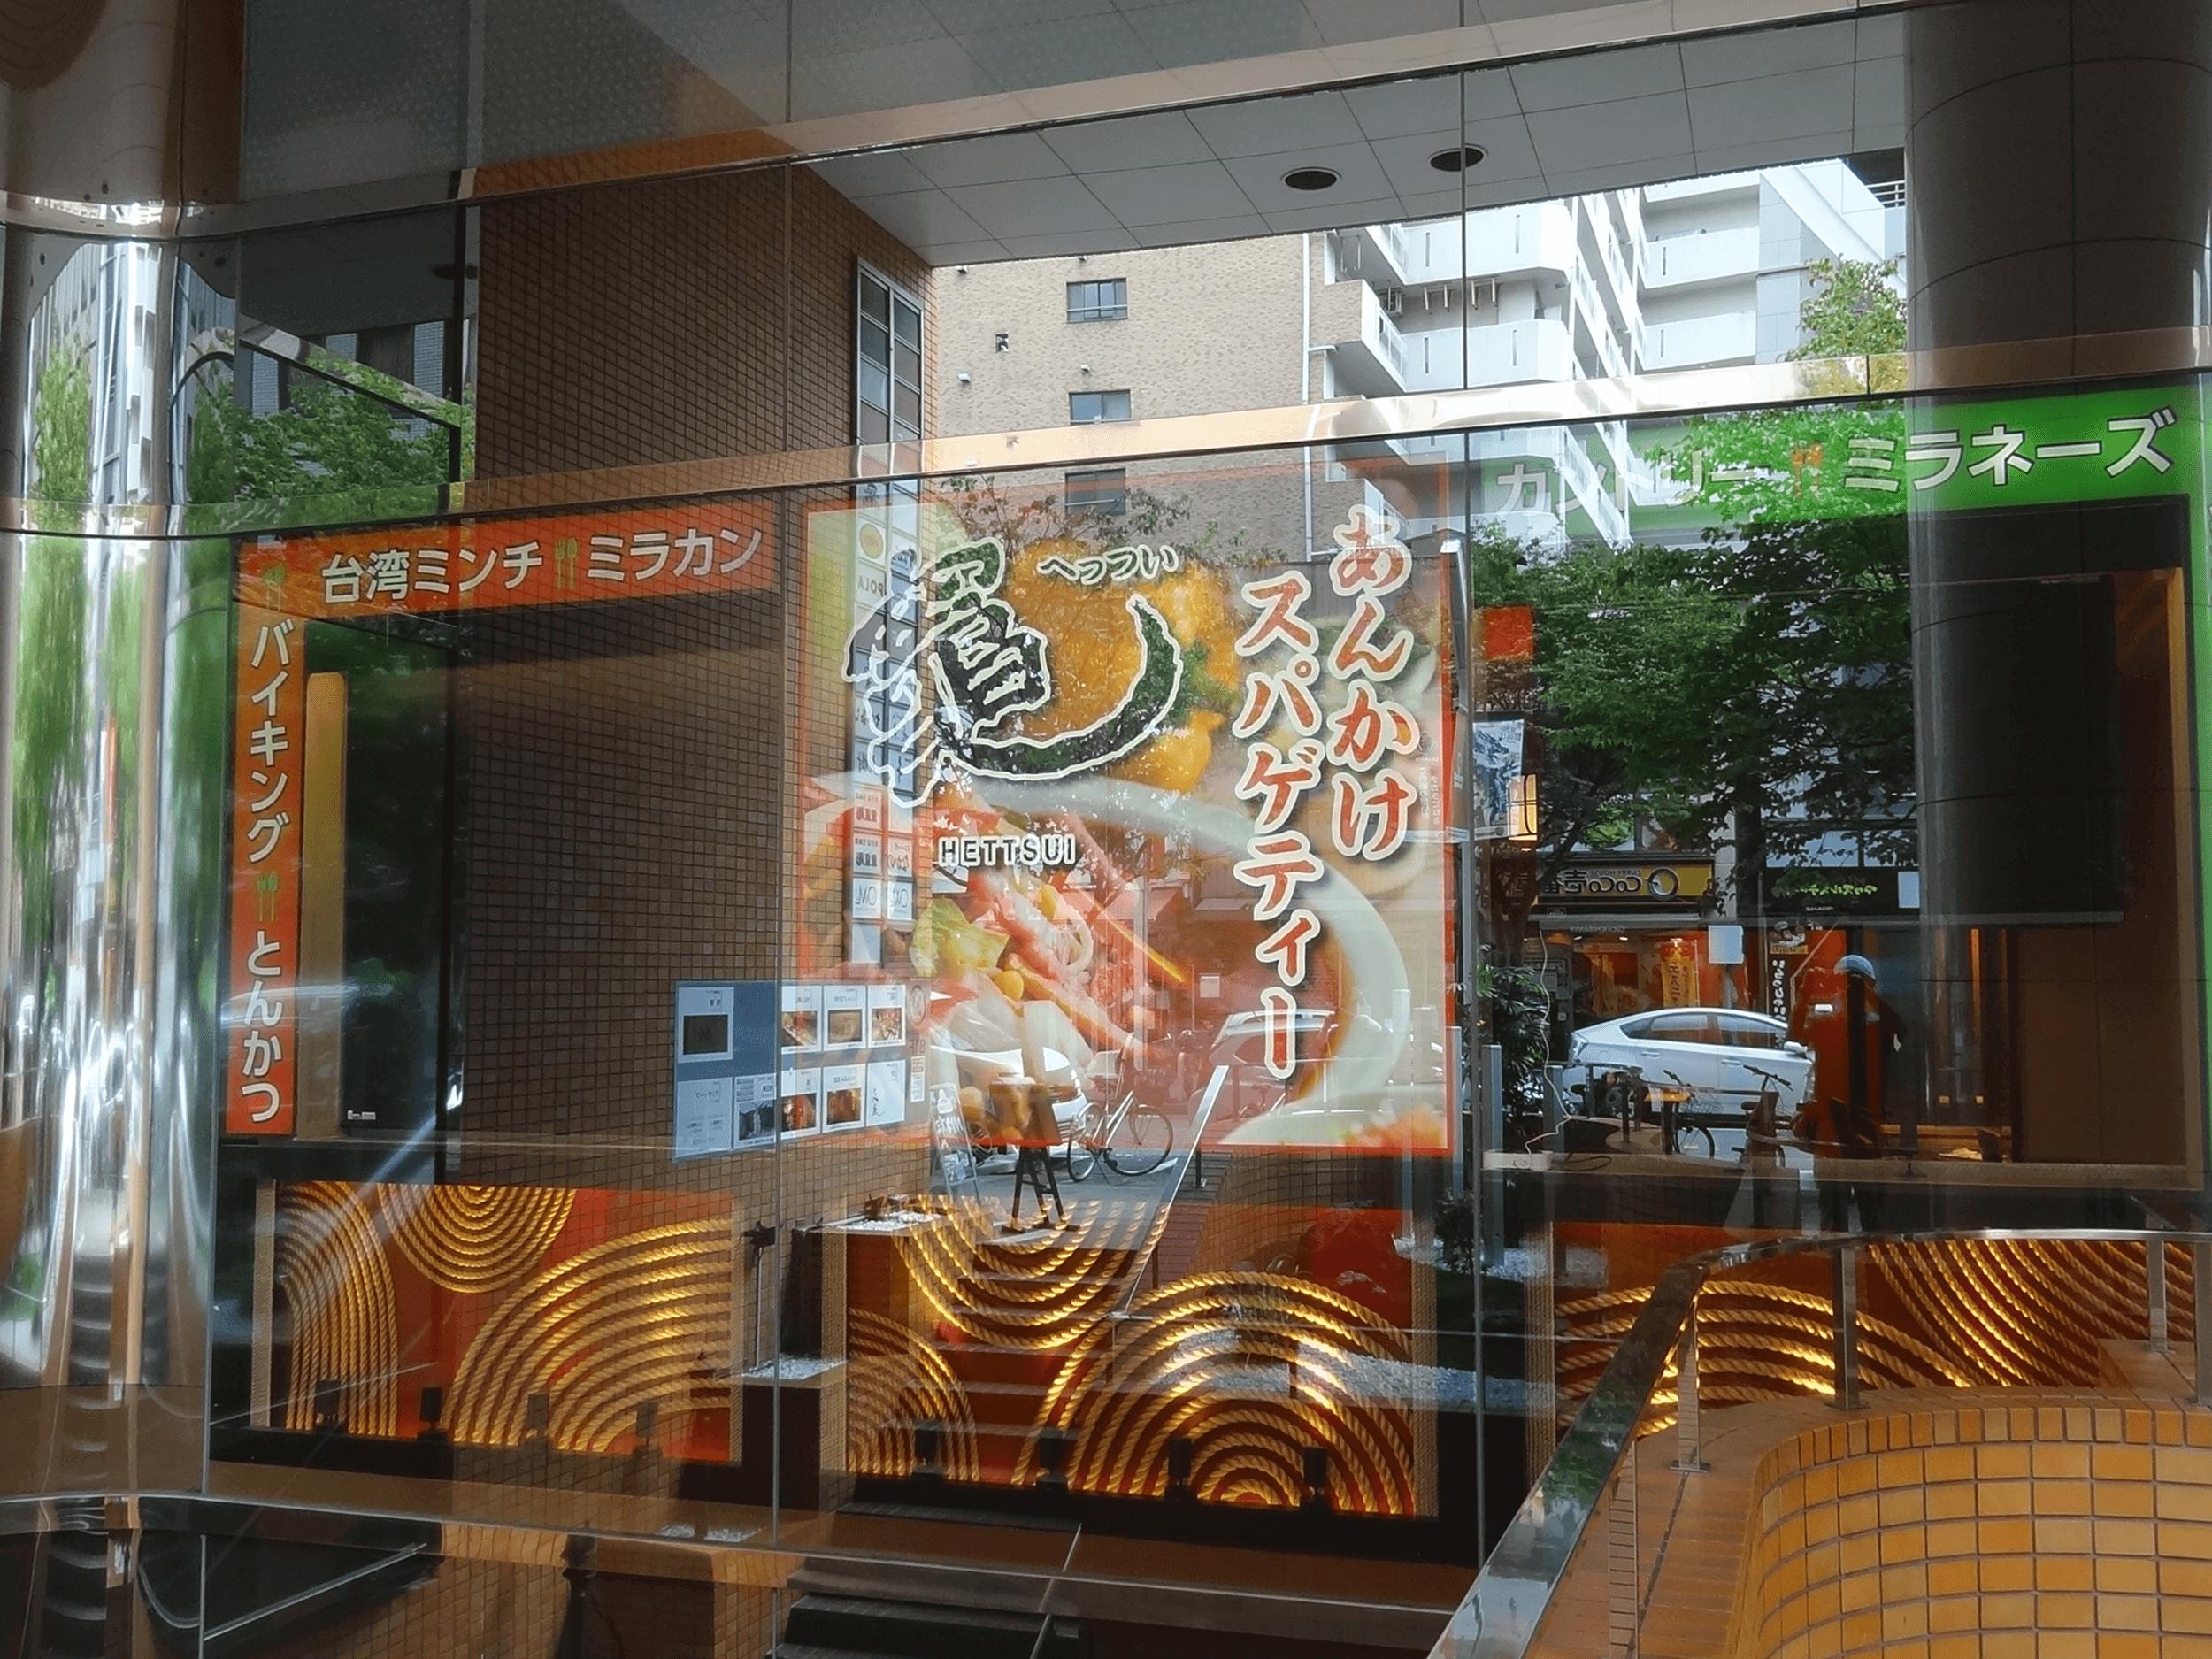 ウインドウサイン・店内内照式看板施工事例写真 愛知県 新規オープンのため既存看板の表示変更